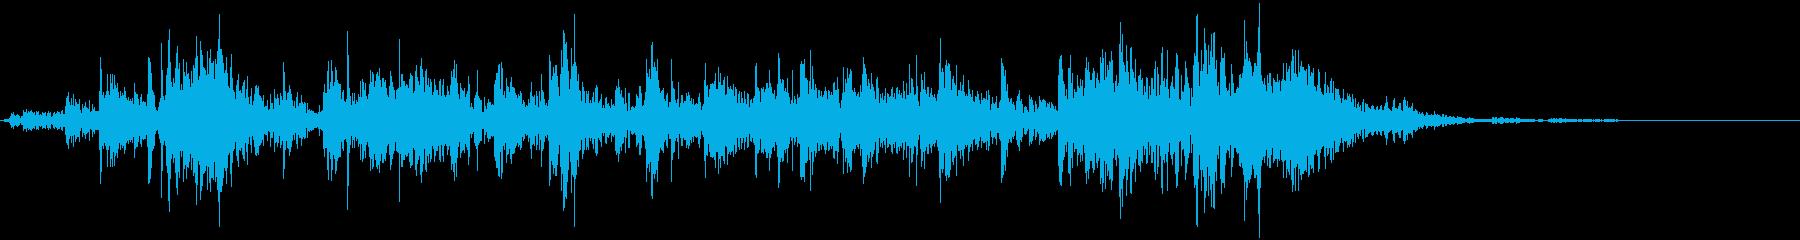 鎖を動かす音9【長い】の再生済みの波形